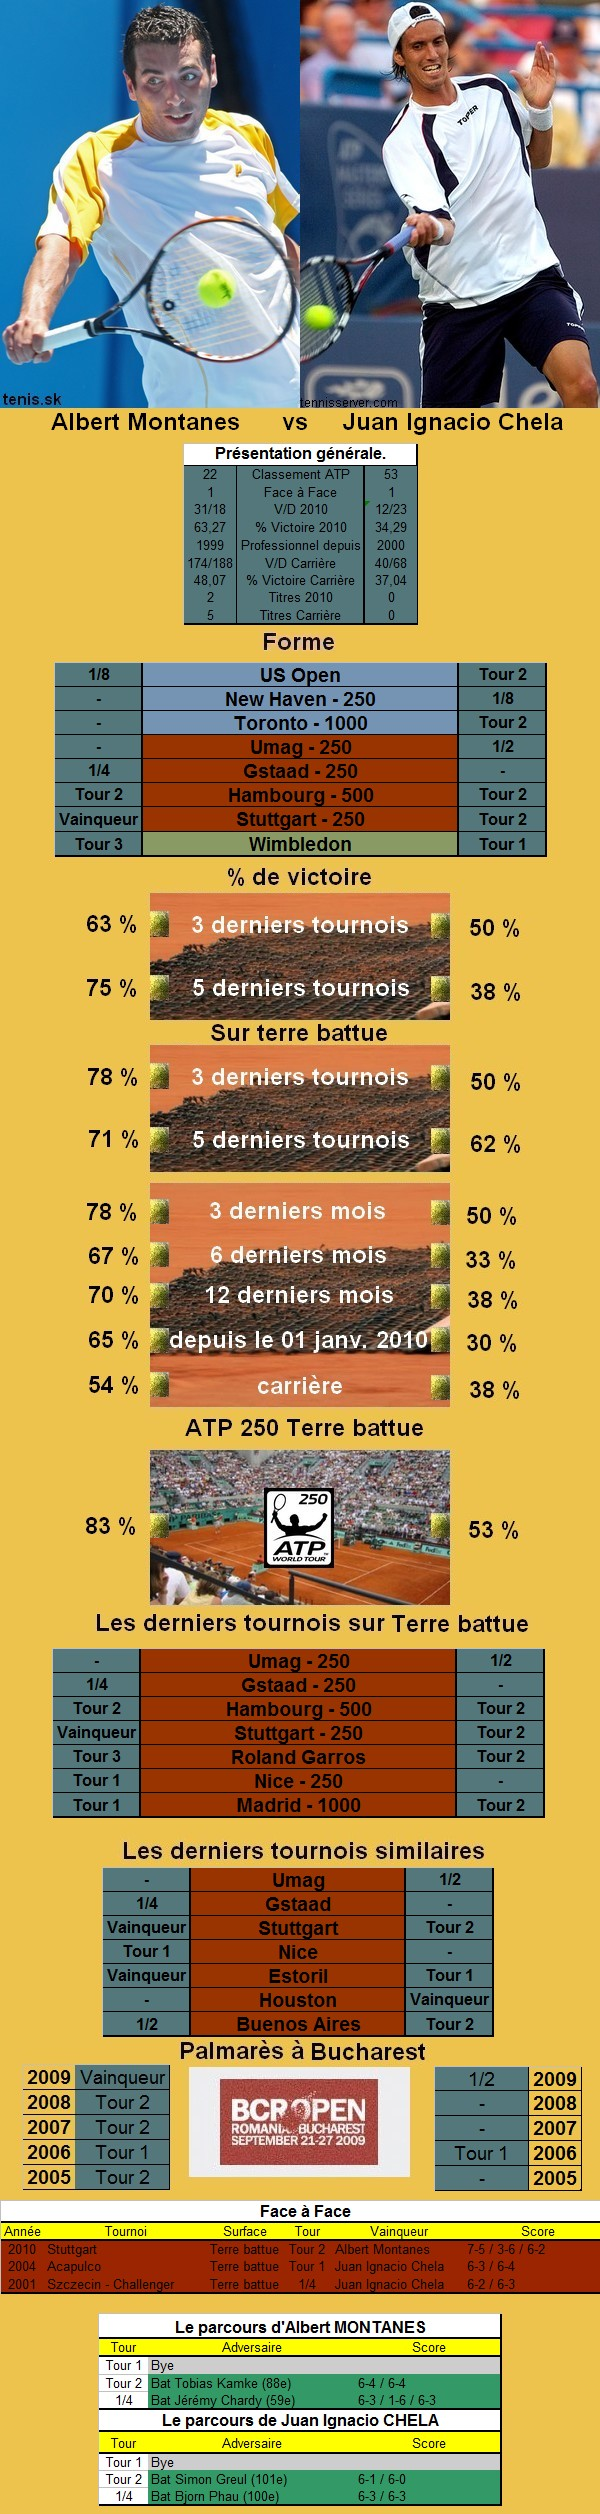 Statistiques tennis de Montanes contre Chela à Bucarest